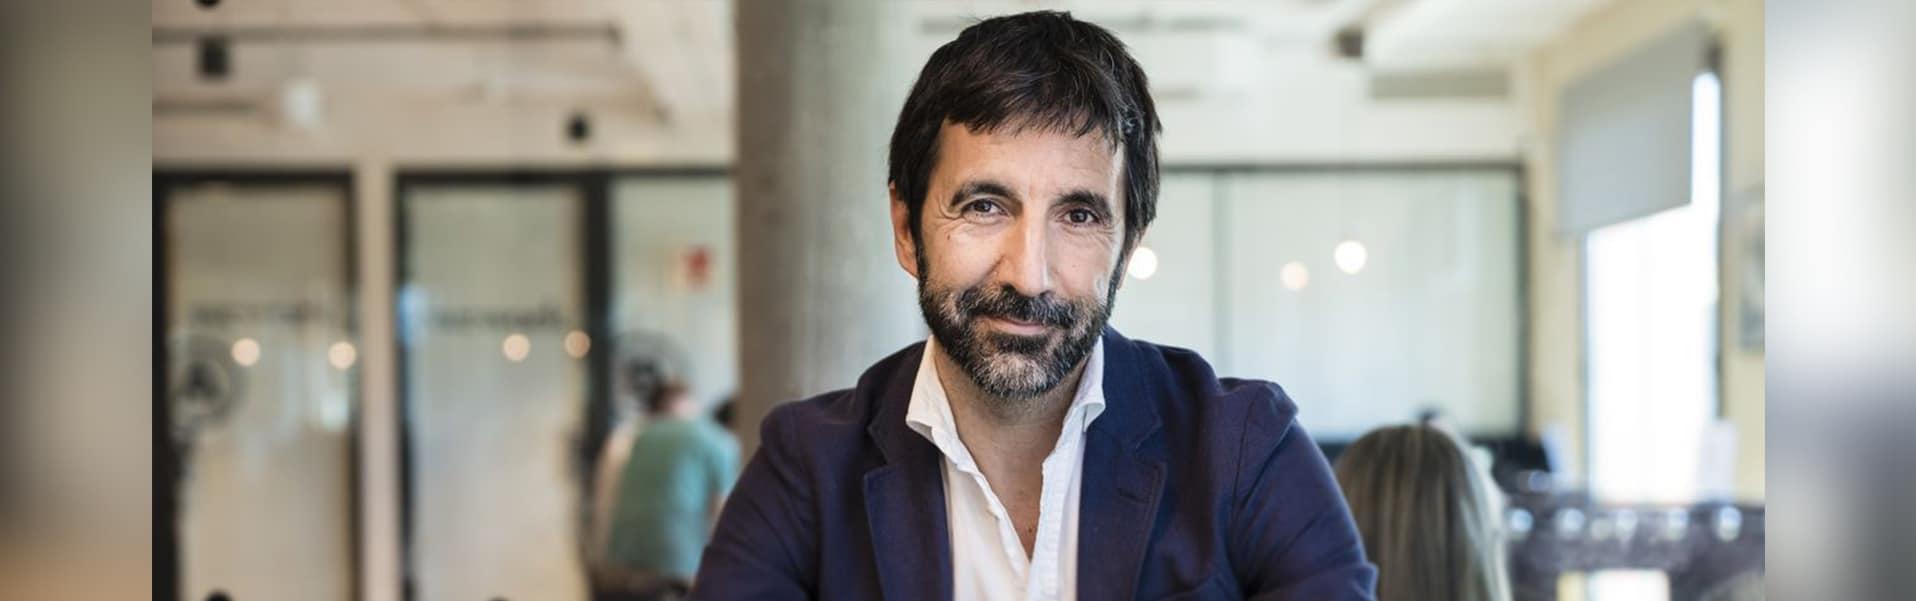 José Luis Zimmermann: «Hay una gran oportunidad para reorientar la formación a la nueva demanda del mercado»